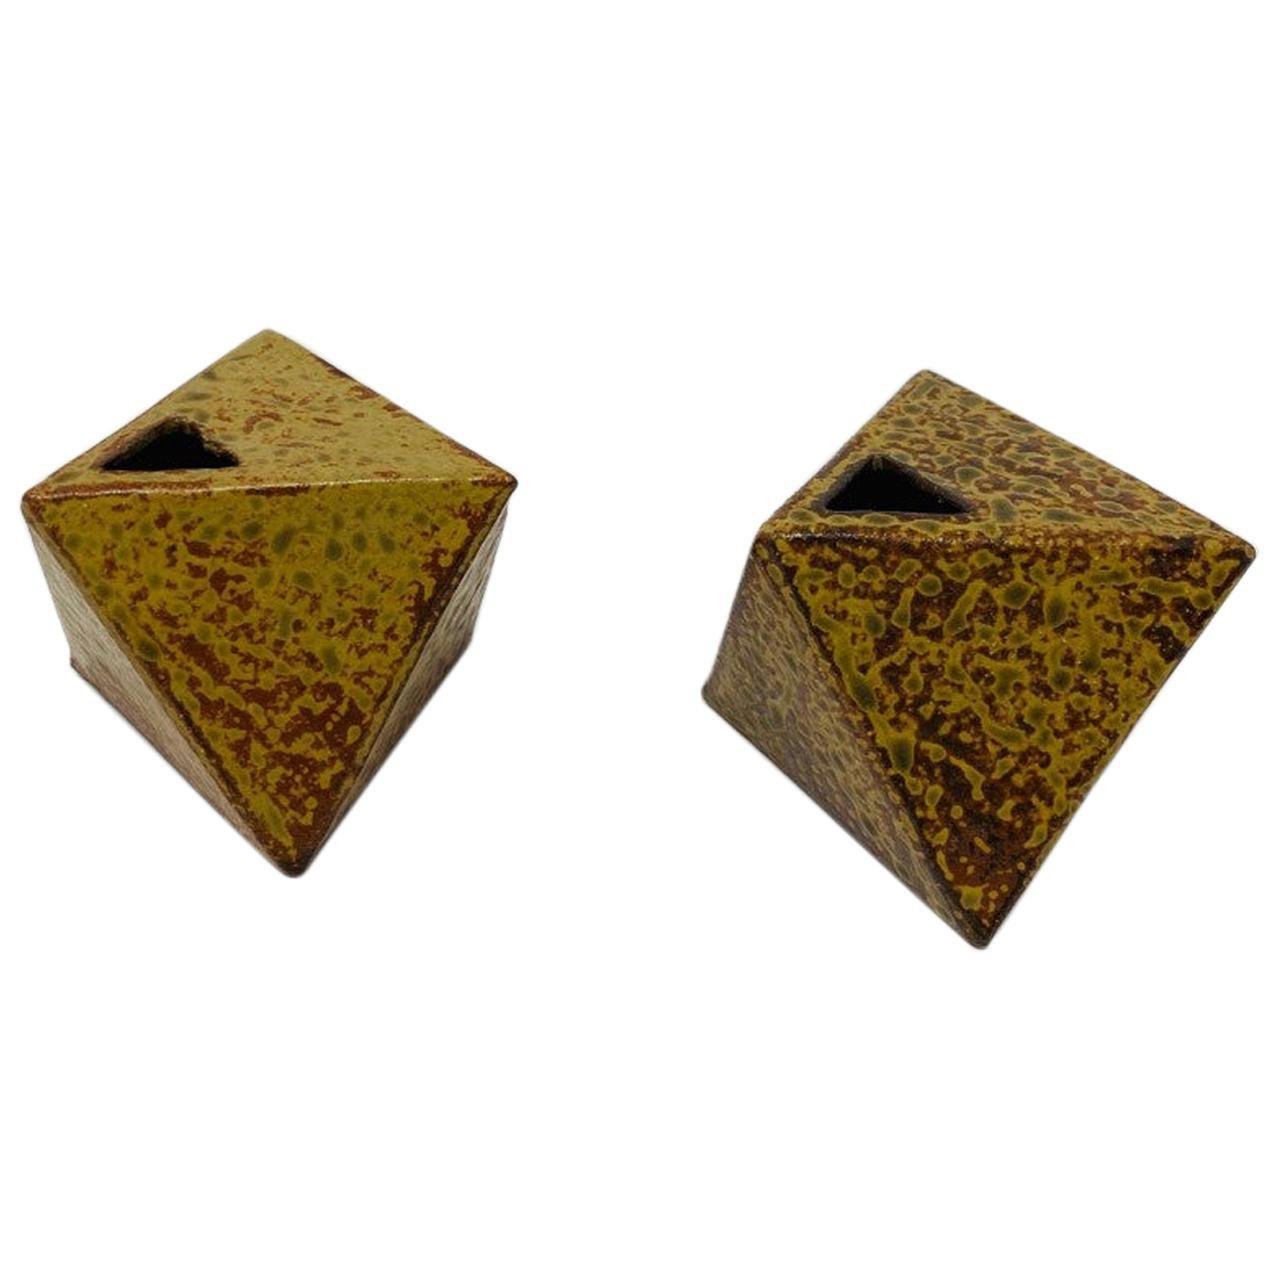 Vintage Ikebana Japanese Midcentury Hexagon Ceramic Bud Vessels